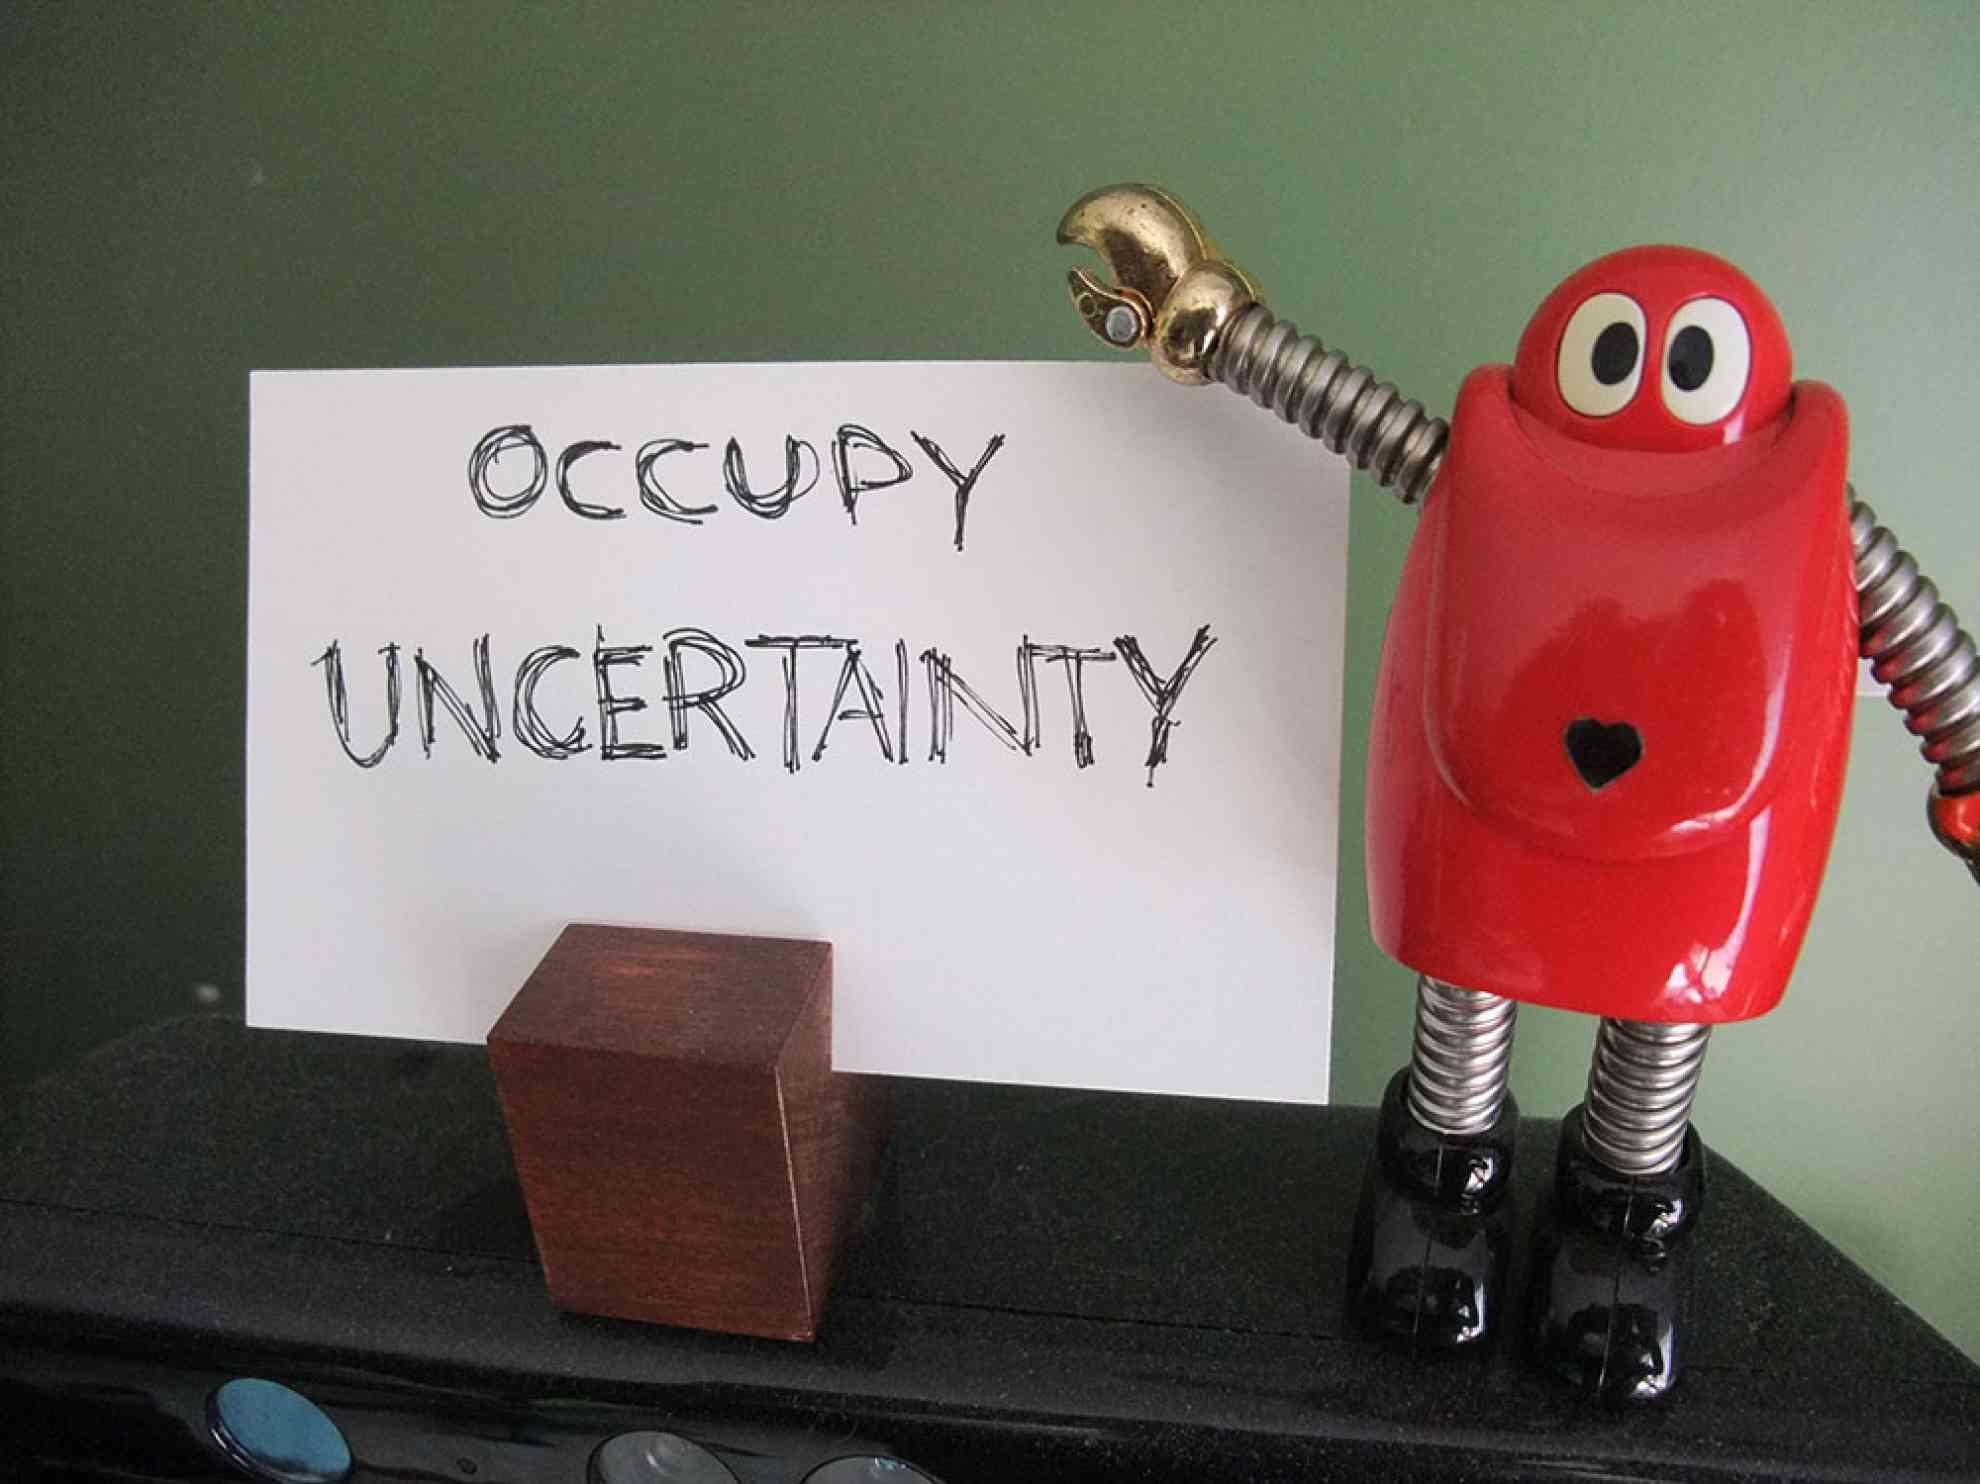 OccupyUncertainty!